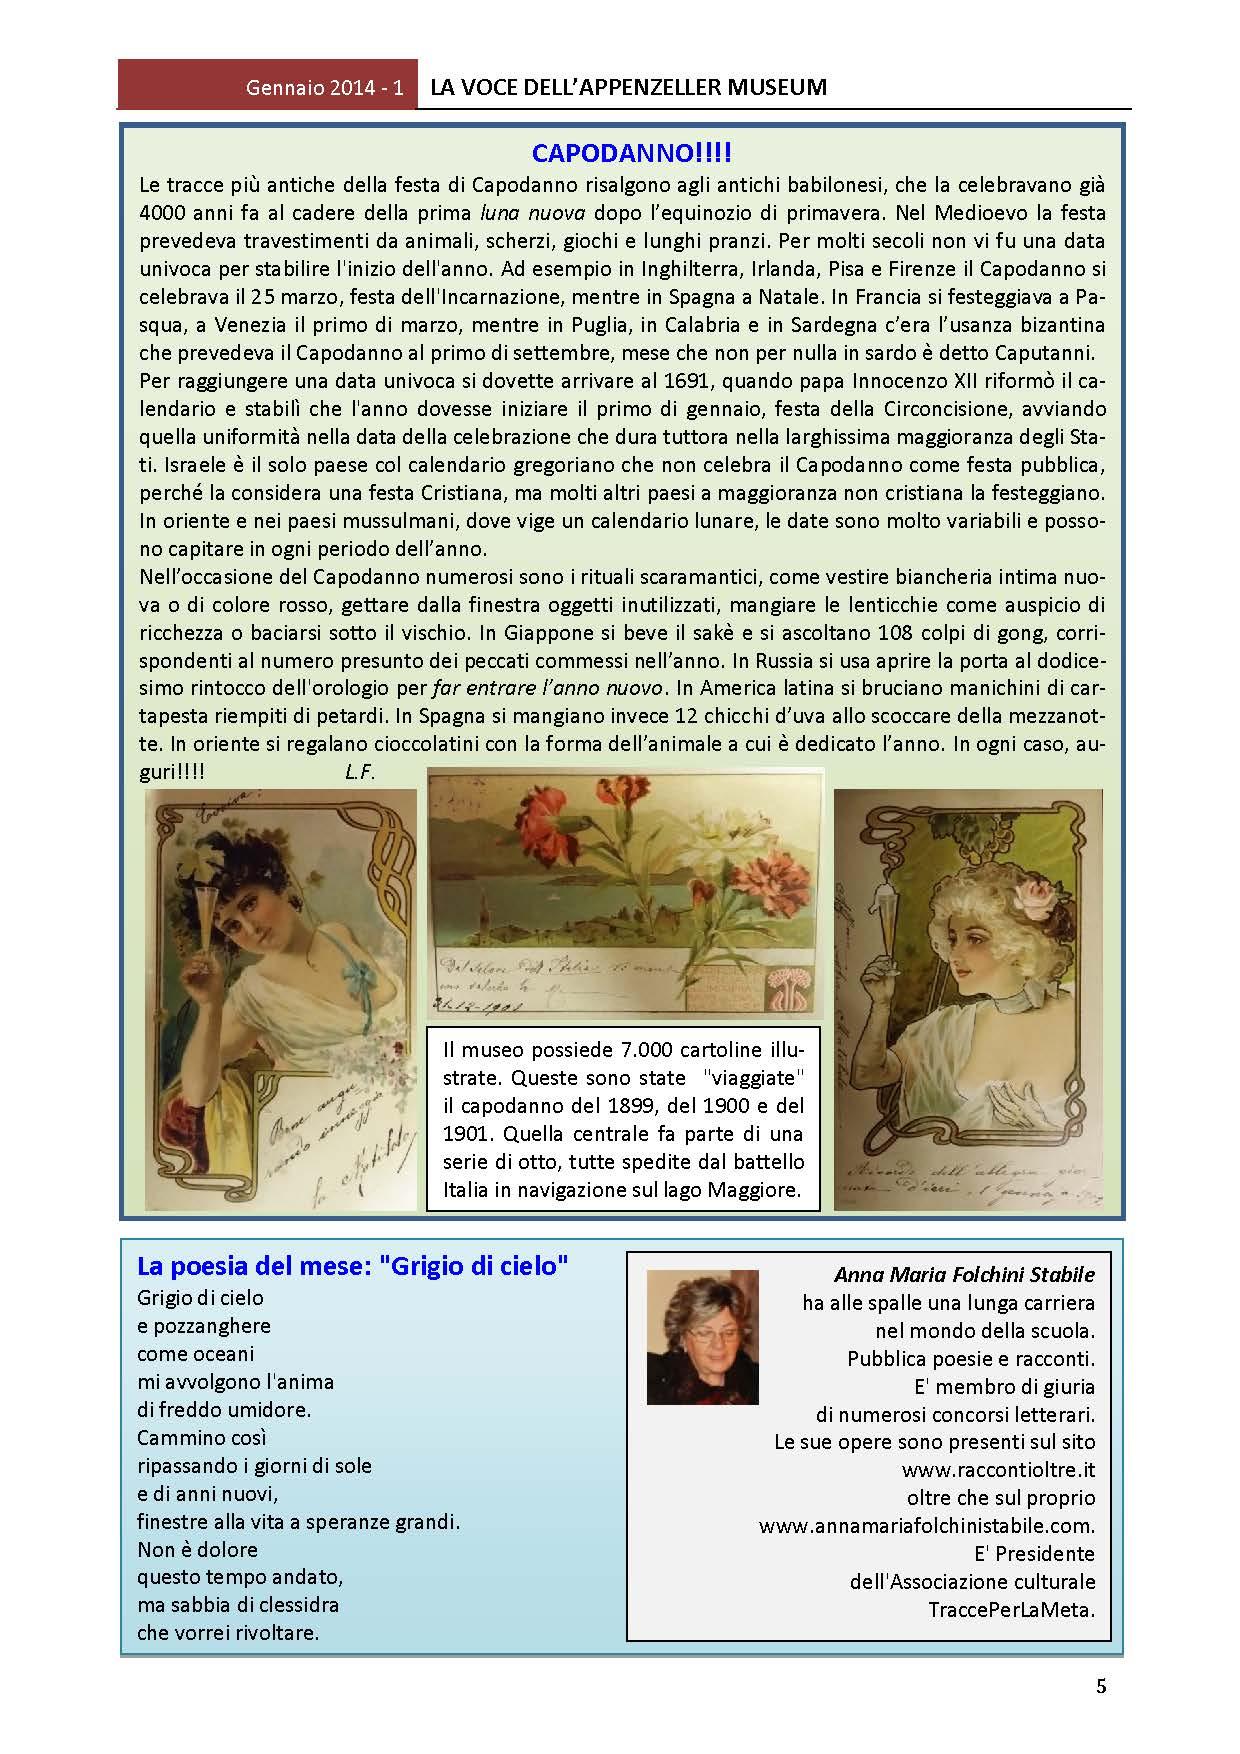 Gennaio 2014, n.1, La Voce dell'Appenzeller Museum – Anna Maria Folchini Stabile, Poeta del mese